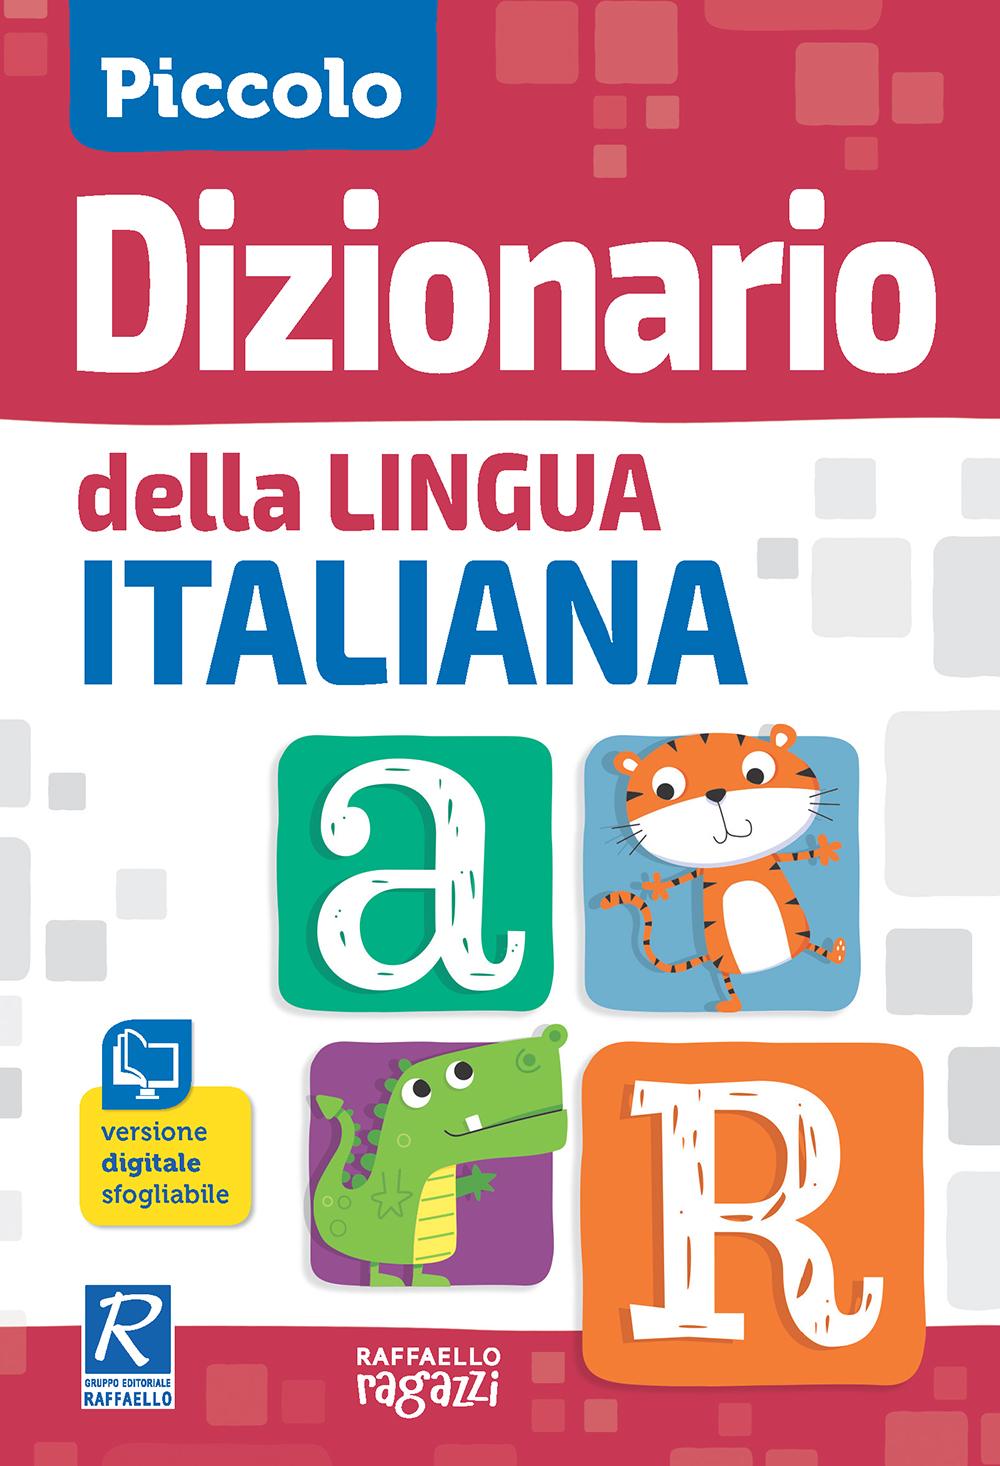 Piccolo Dizionario della lingua italiana